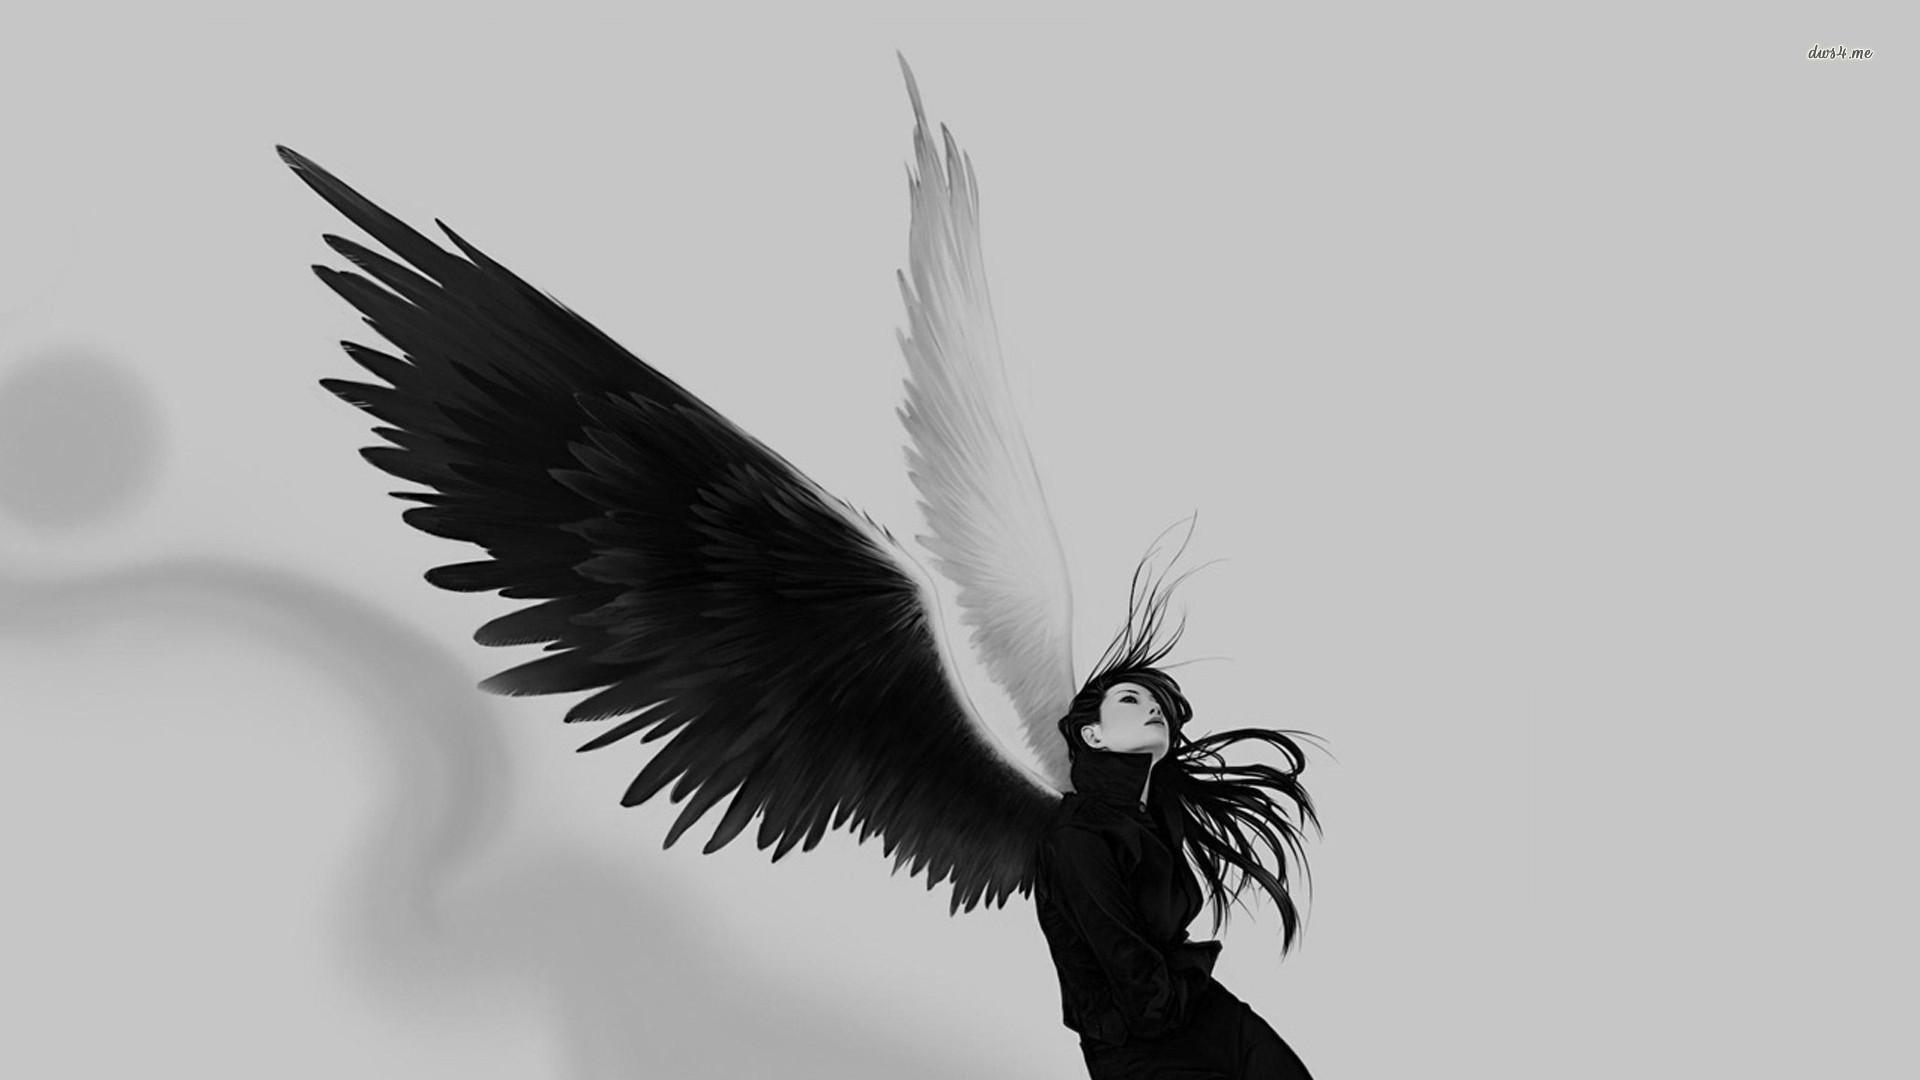 1440x2160 Angel Girl Wings Fantasy Alone Light Black White Wallpaper